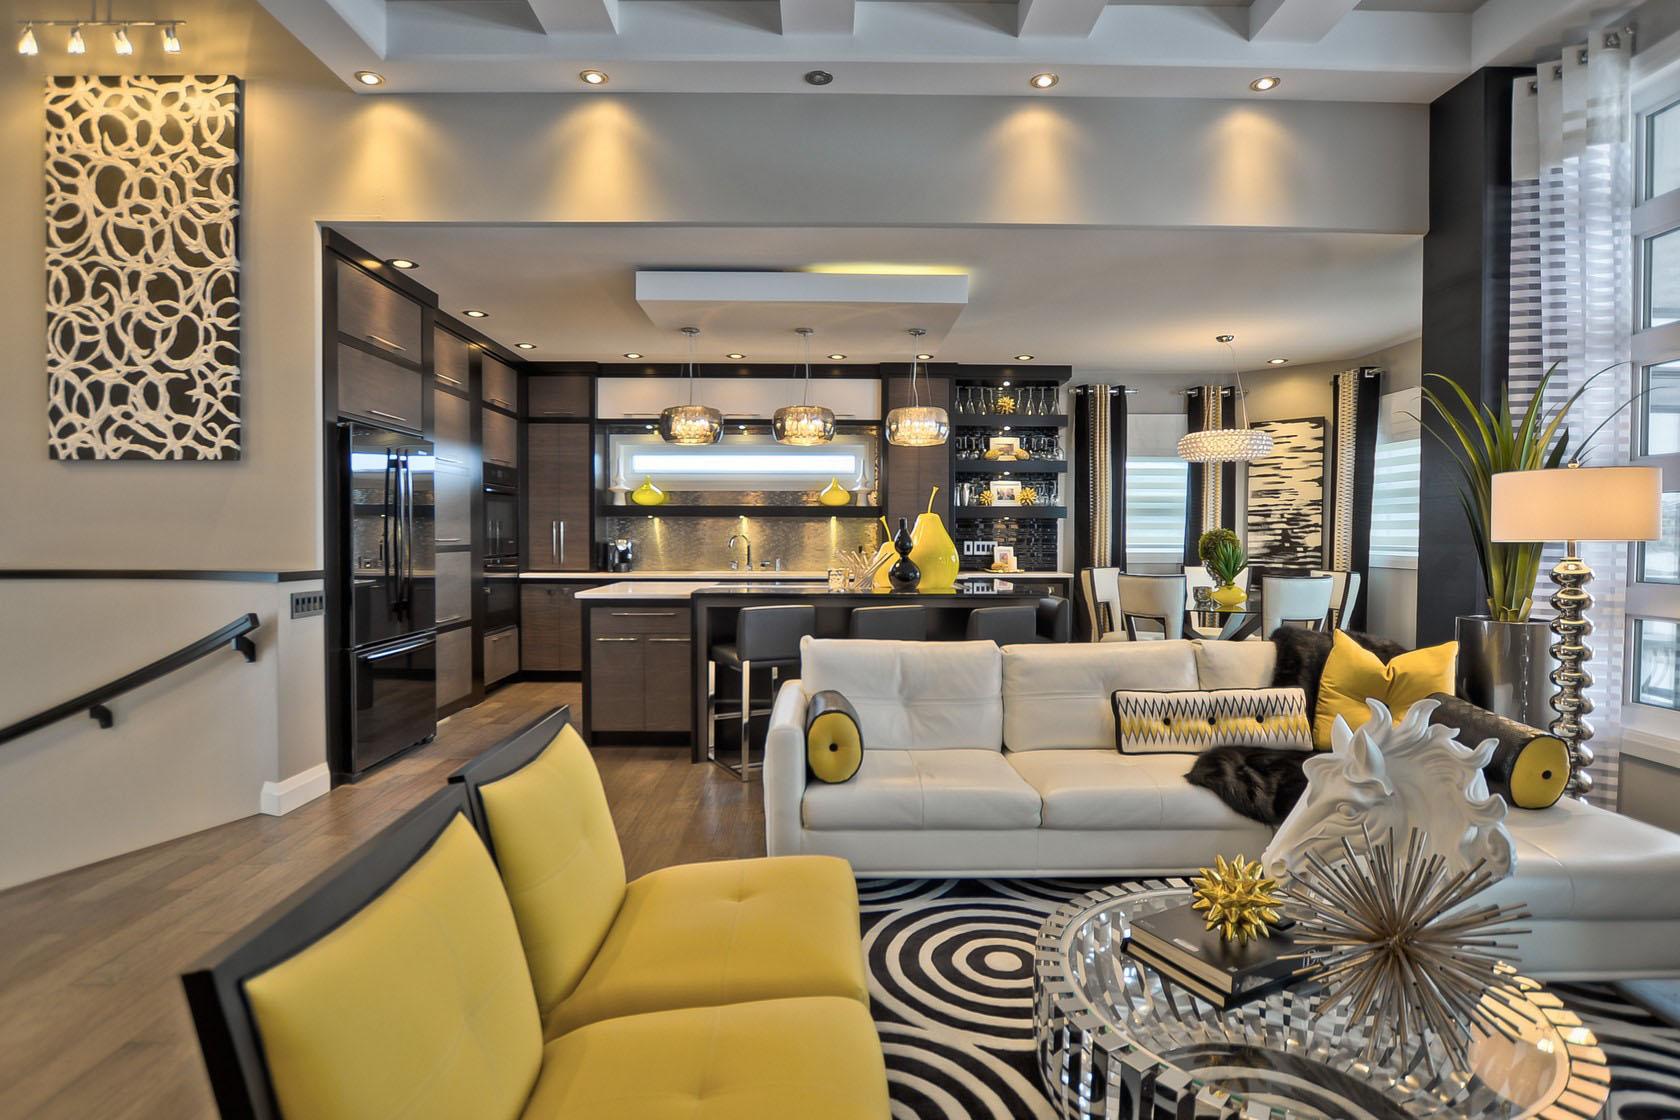 Contemporary decor contemporary custom dream home in saskatoon with inspiring. elegant contemporary  decor OTDPPCM